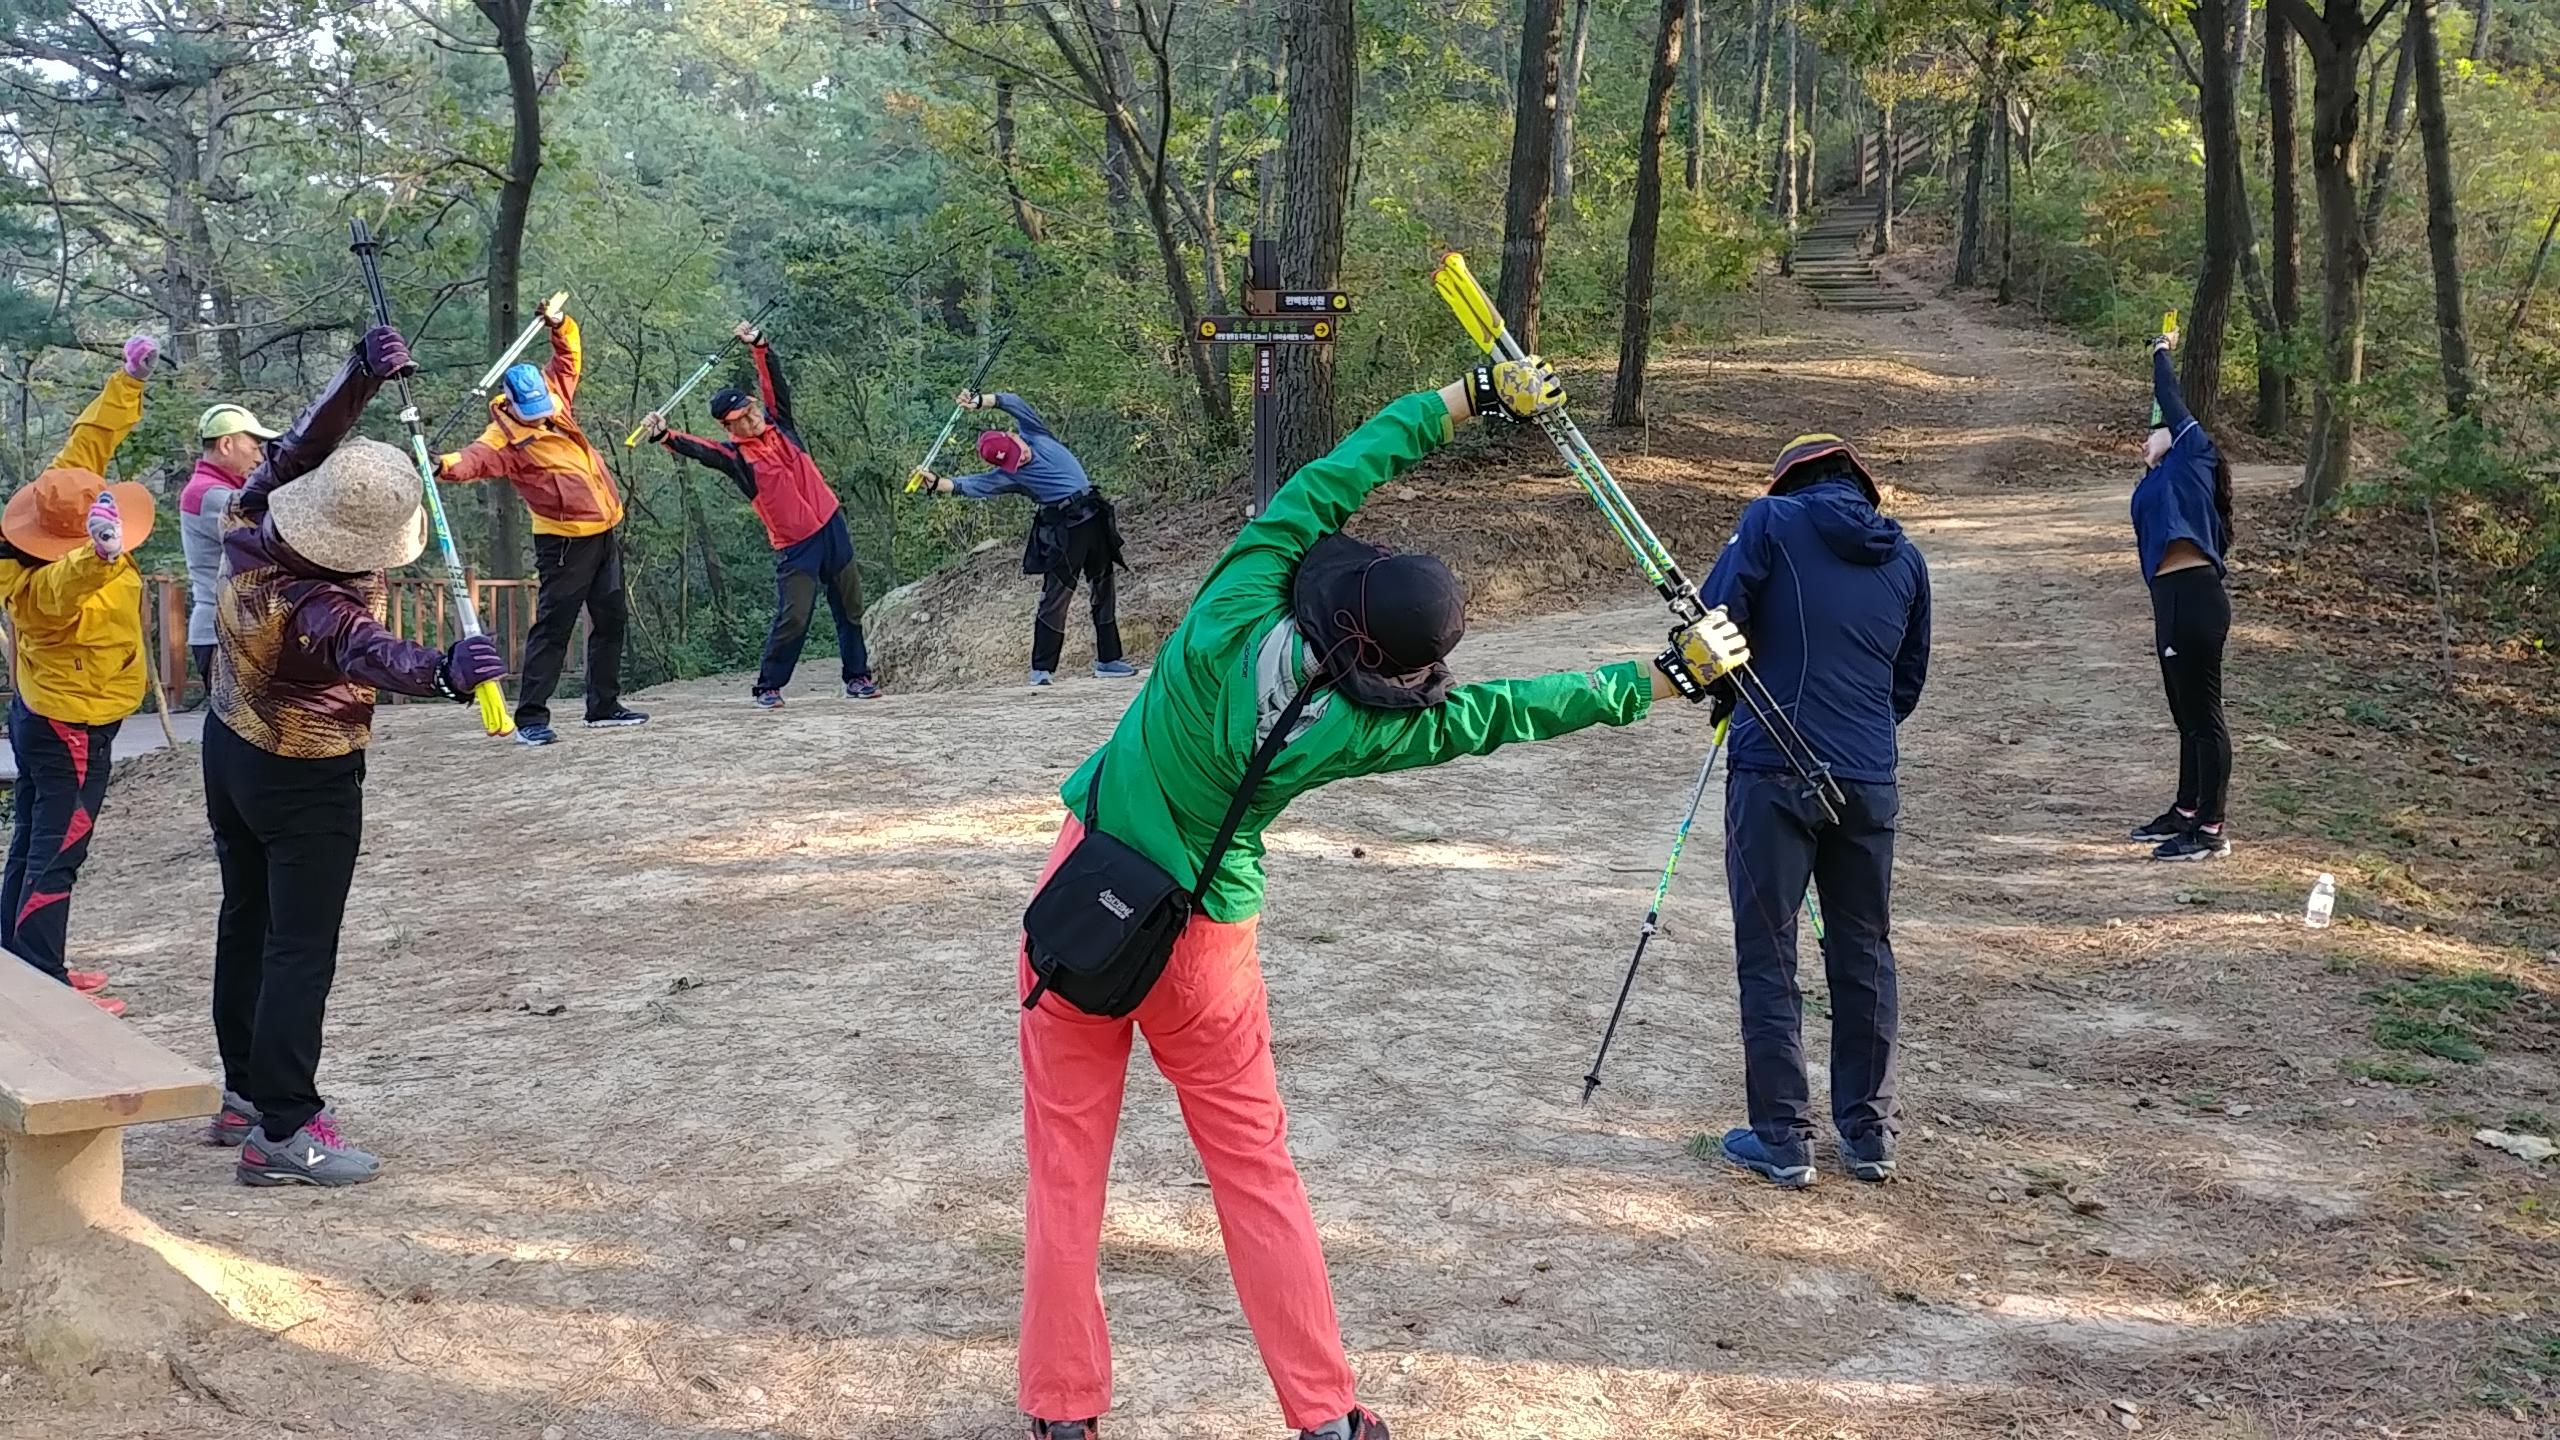 물무산 행복숲 『1530 노르딕 건강걷기』 성료